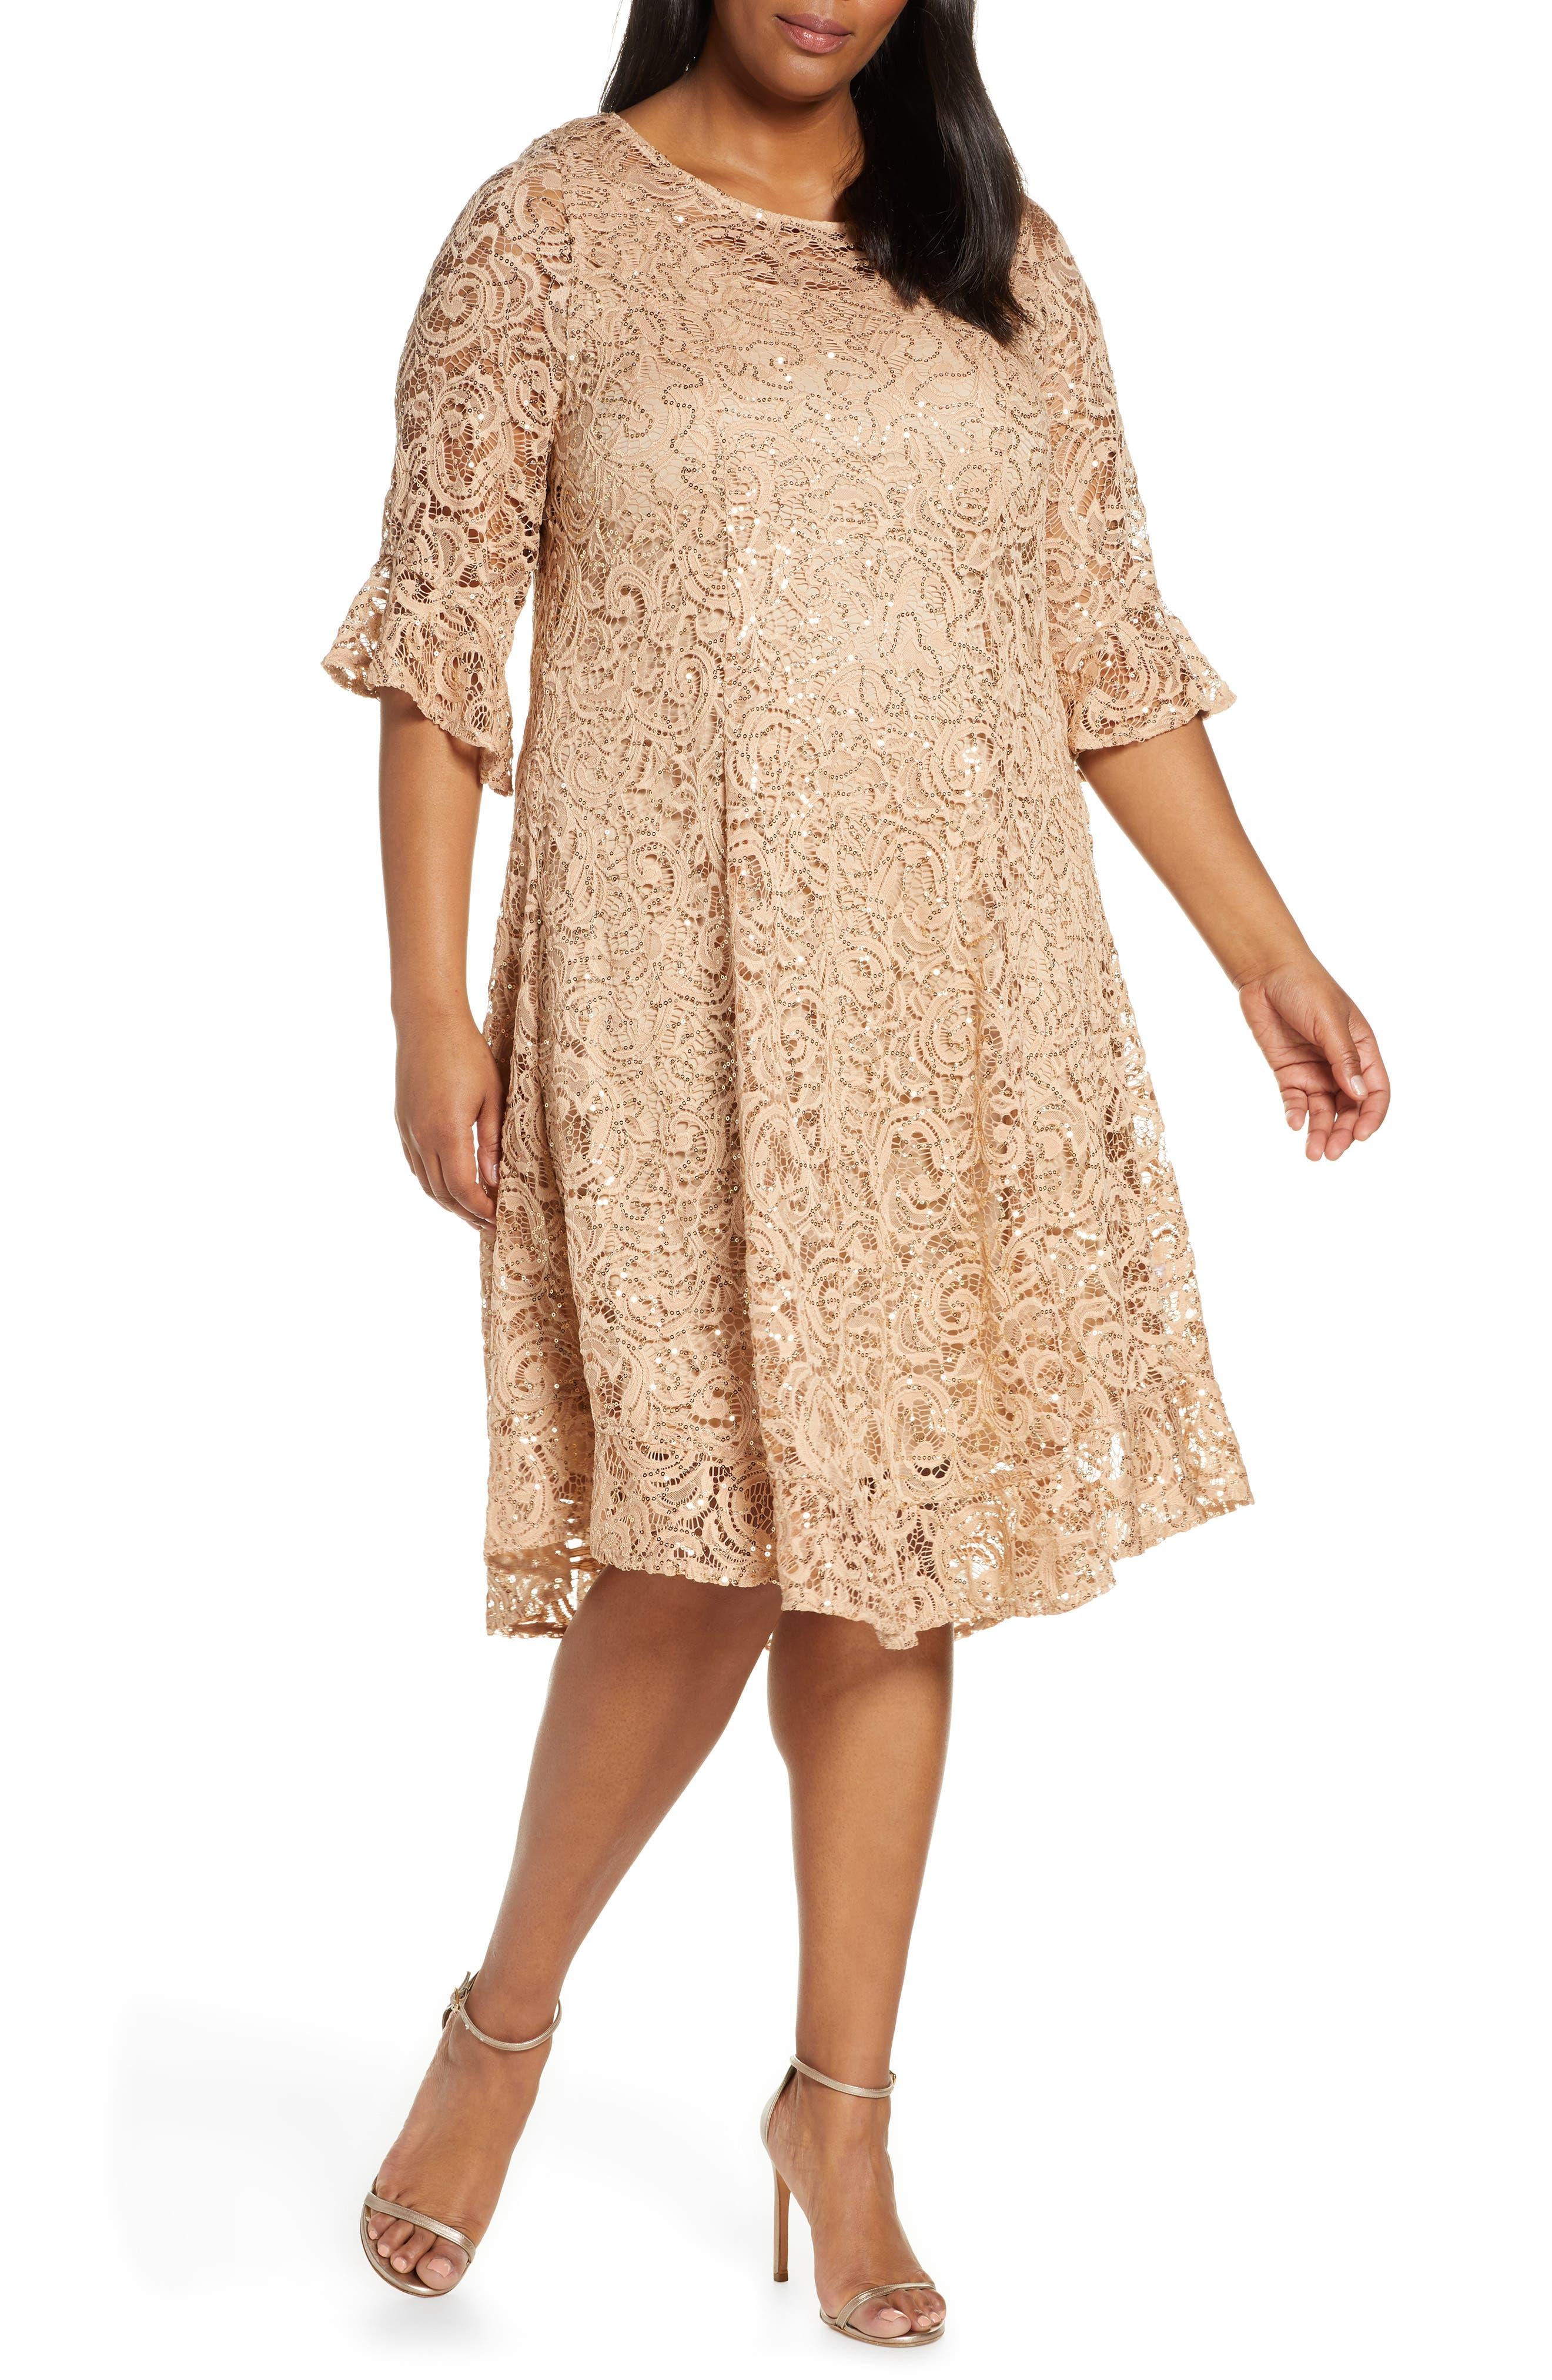 Plus Size Vintage Dresses, Plus Size Retro Dresses Plus Size Womens Kiyonna Sofia Sequin Lace Cocktail Dress $164.00 AT vintagedancer.com